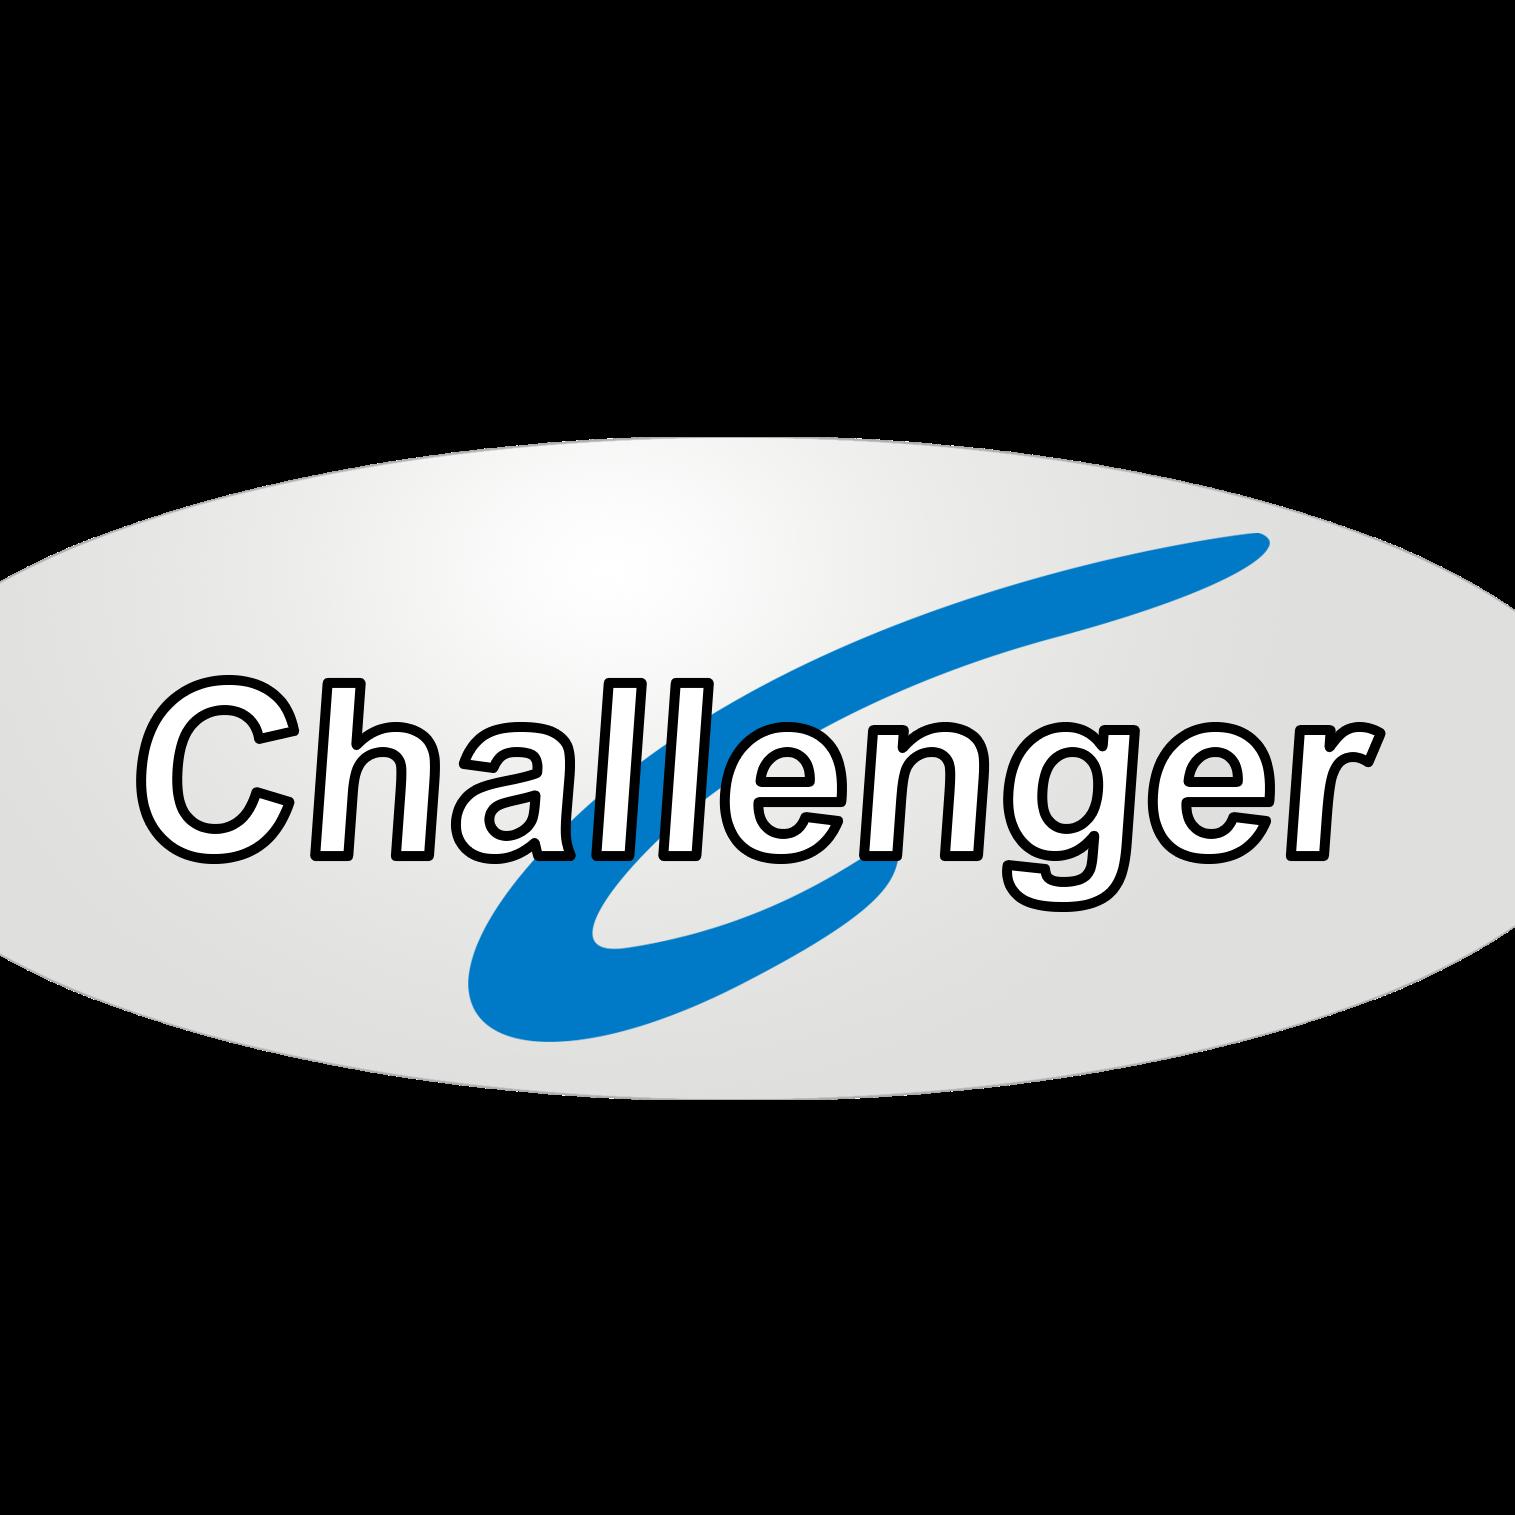 Challenge Yachts